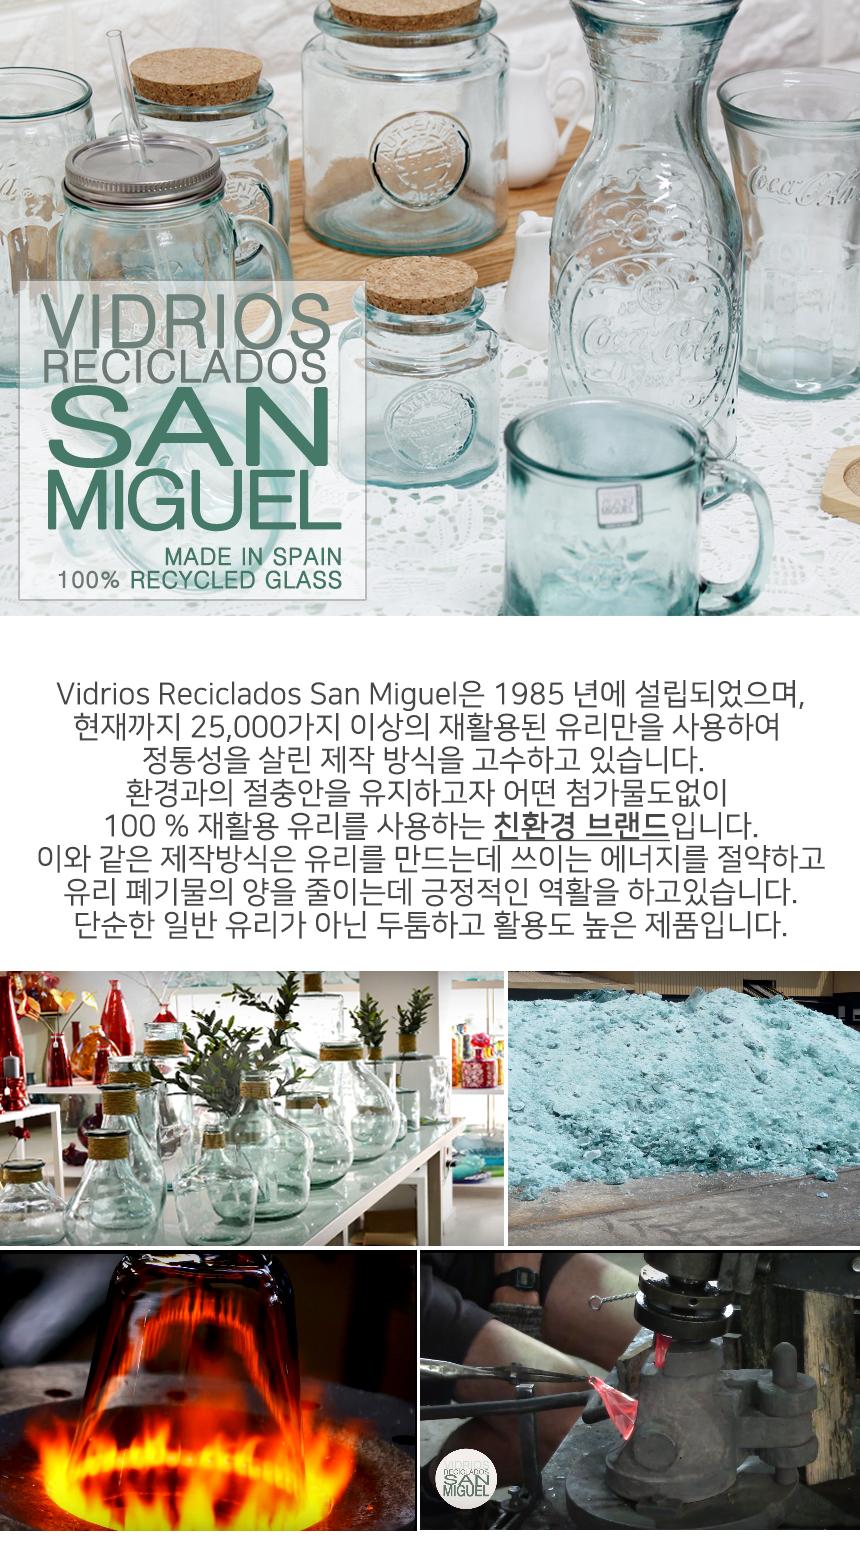 스페인 산미구엘 코카콜라 텀블러 500ml (뚜껑+빨대포함) - 김씨하우스, 16,200원, 유리컵/술잔, 유리컵